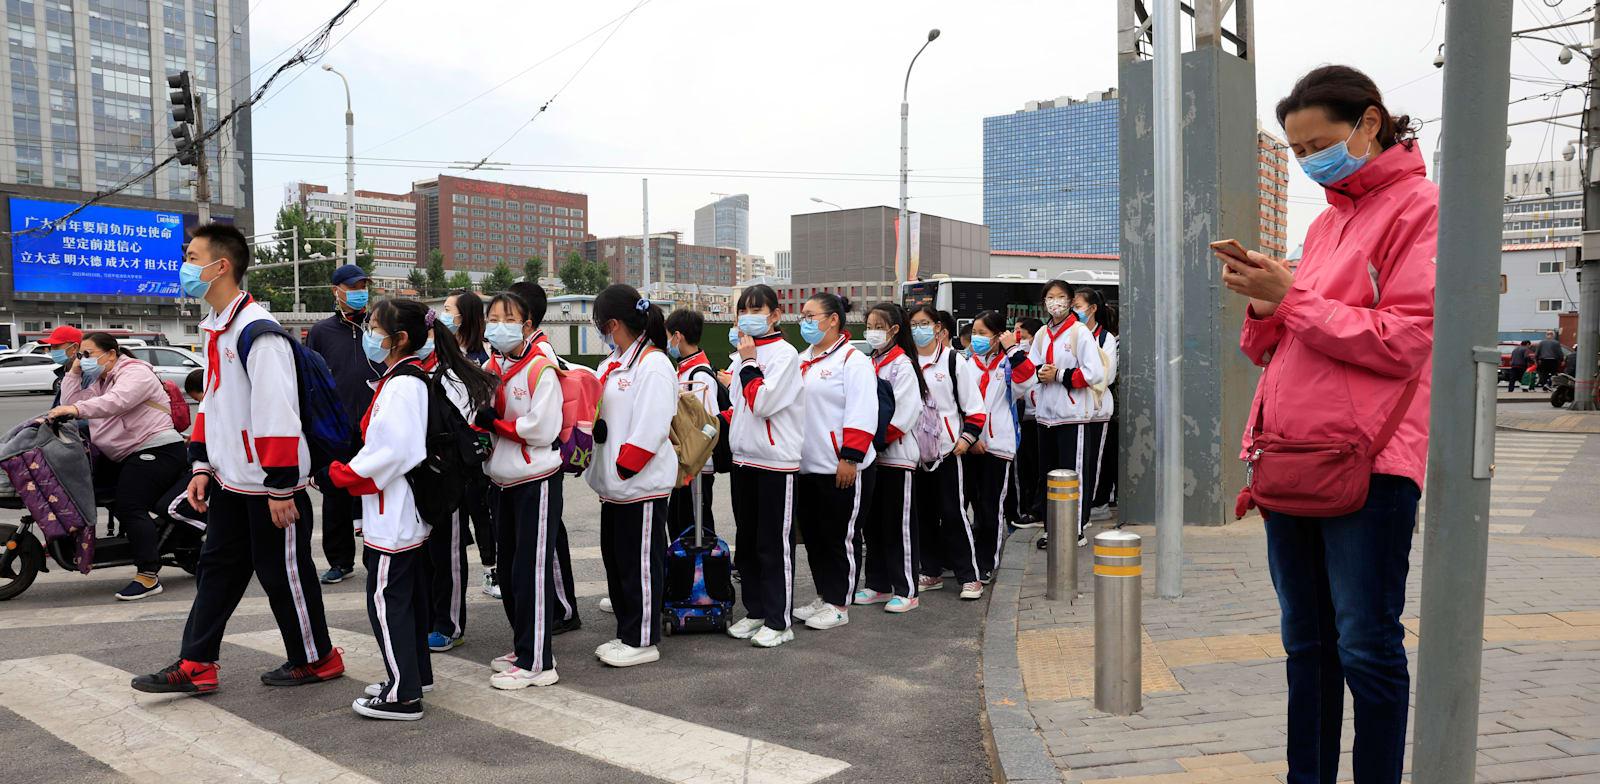 תלמידים בבייג'ין חוצים את הכביש בדרך לבית הספר / צילום: Associated Press, Ng Han Guan